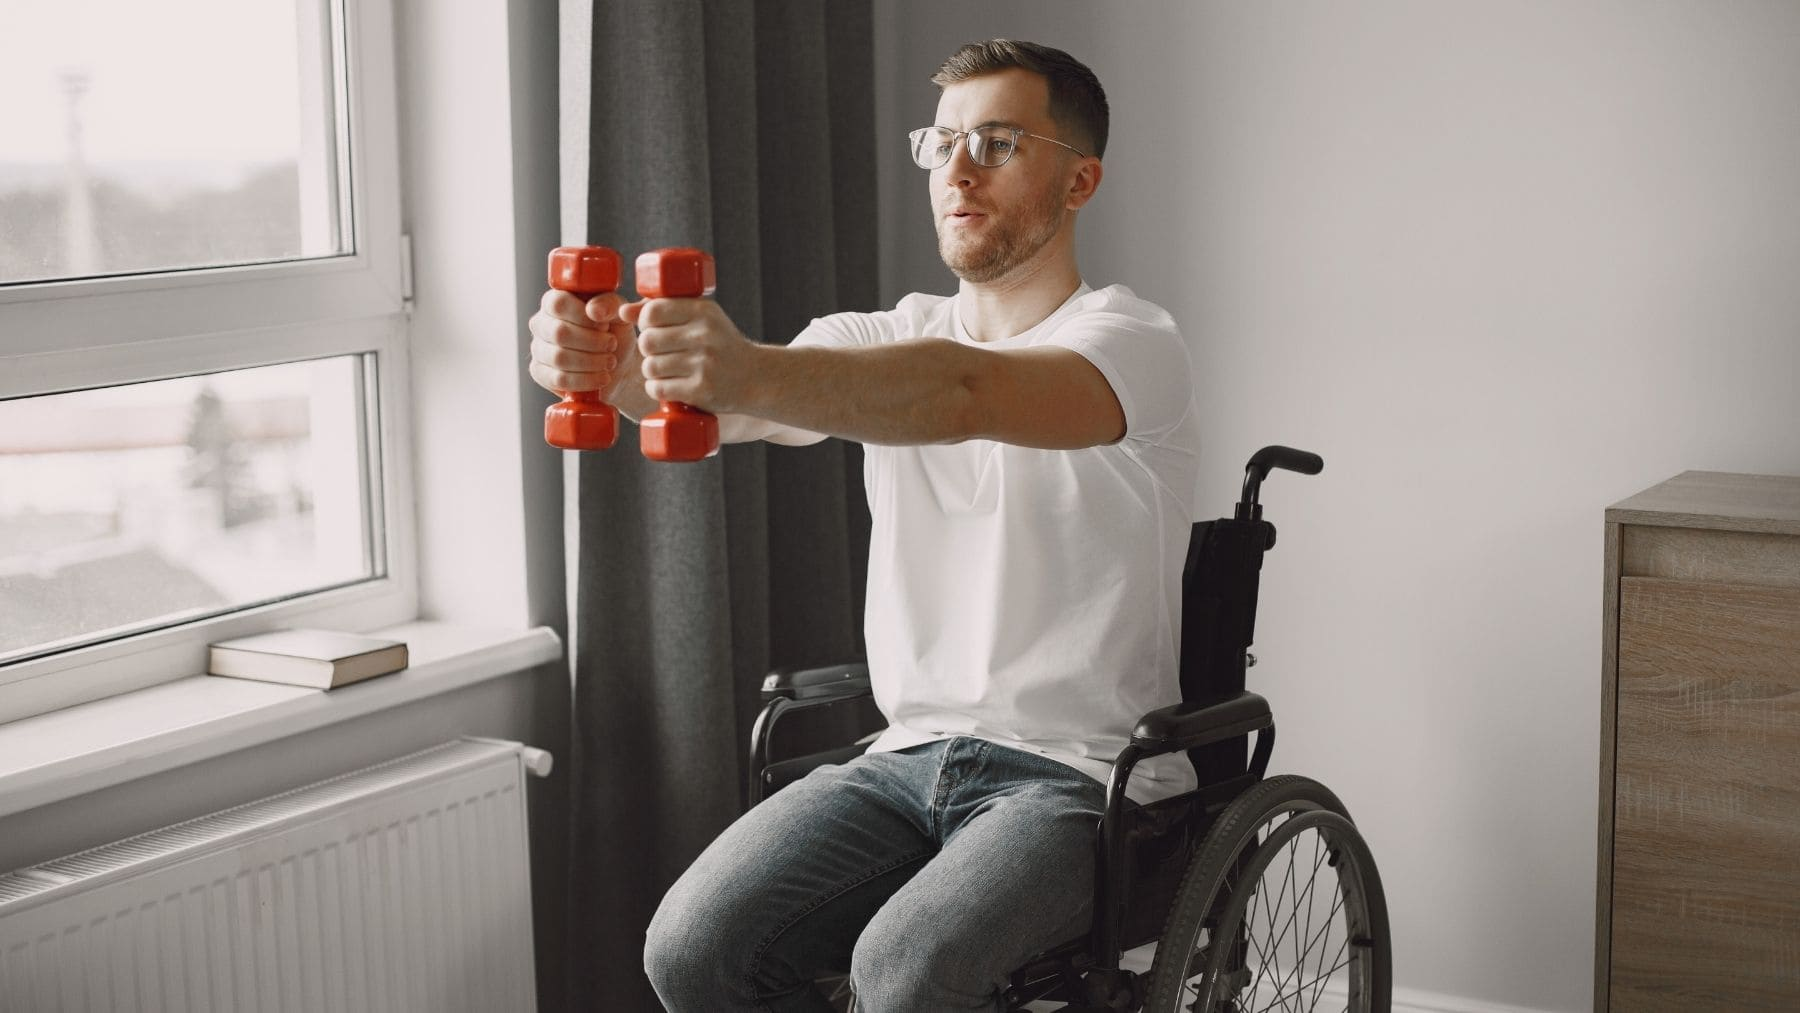 Ejercicio fisico en silla de ruedas